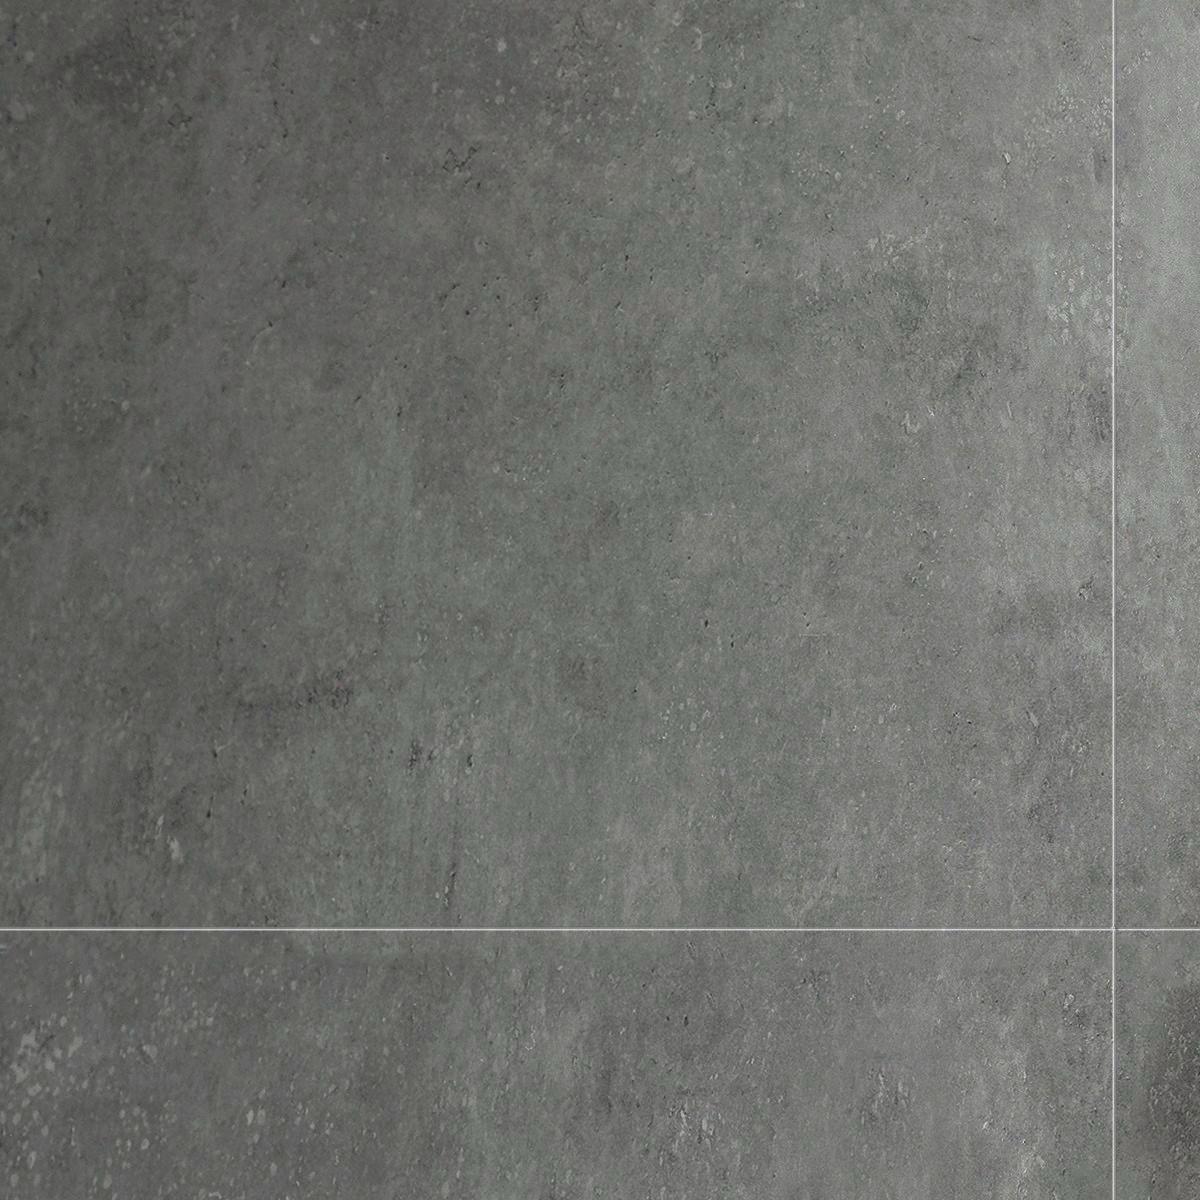 dalle murale plaque pour recouvrir carrelage mural cuisine avec dalle murale pvc blanc dumawall. Black Bedroom Furniture Sets. Home Design Ideas